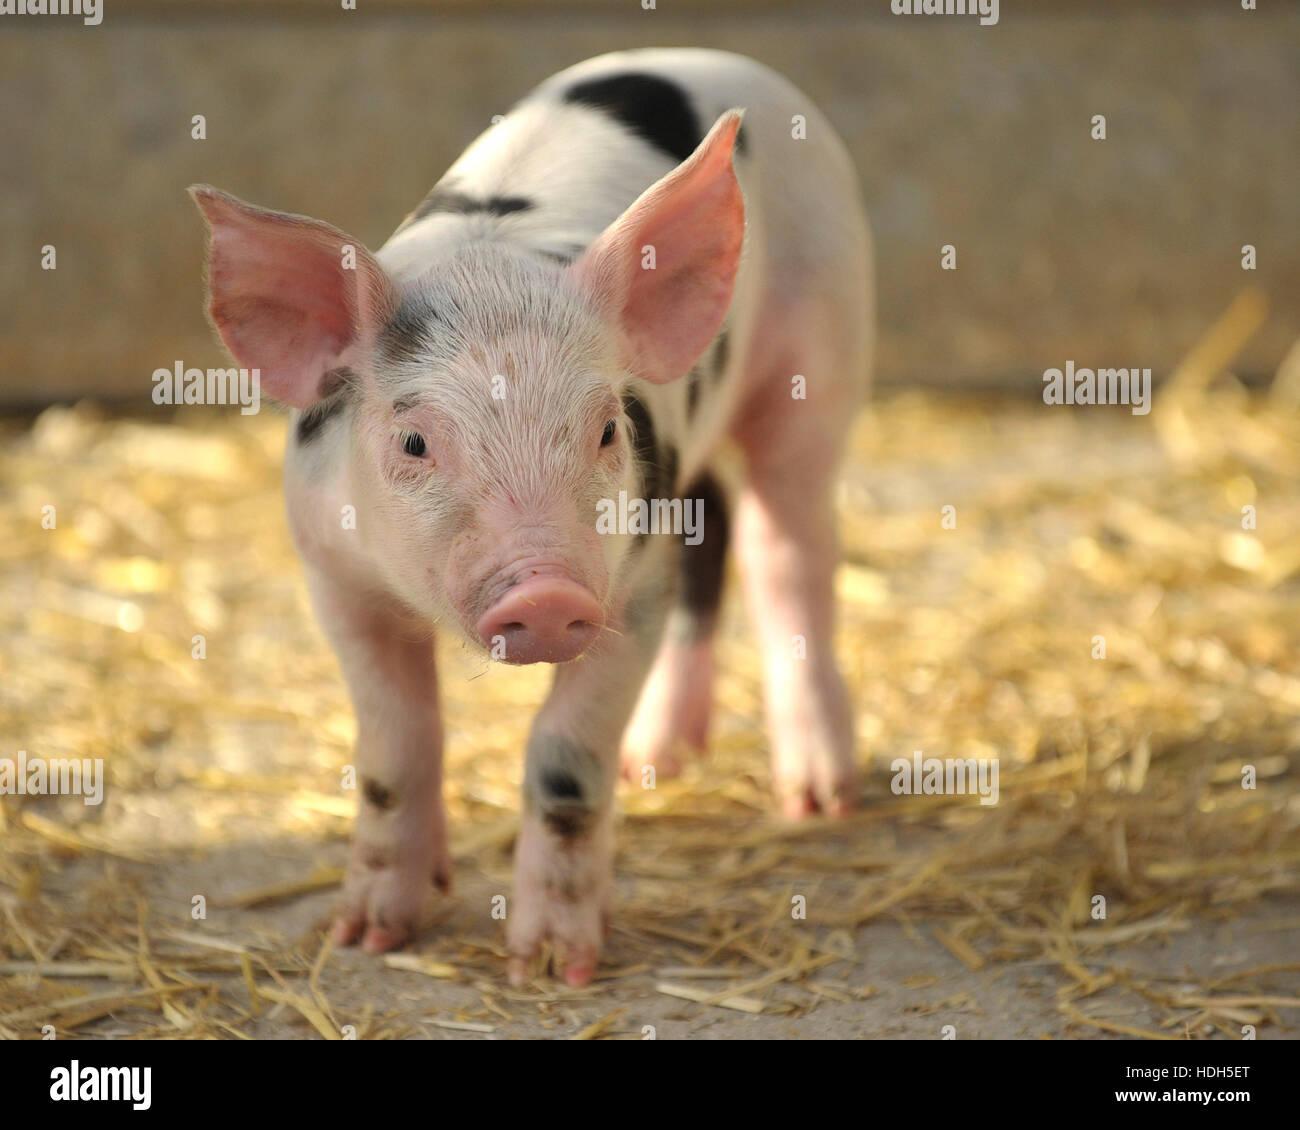 landrace x Gloucester oldspot piglet 5 days old - Stock Image